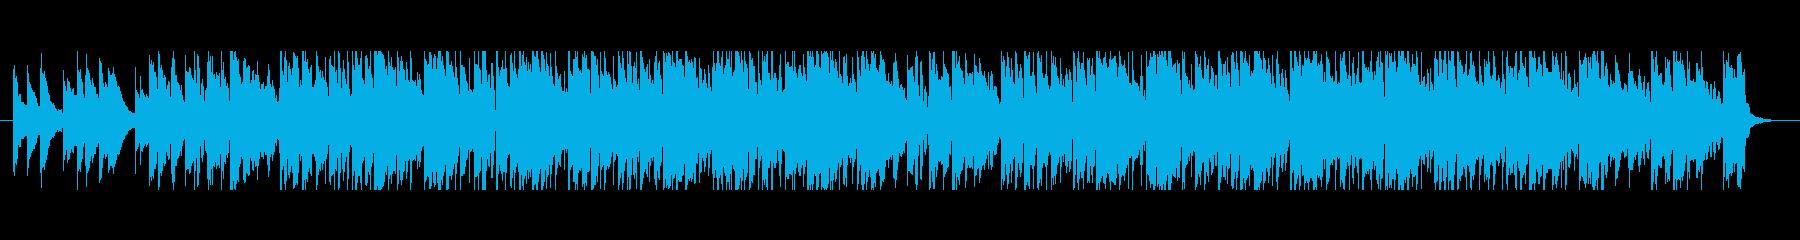 切ないアコギのLo-Fi HipHopの再生済みの波形